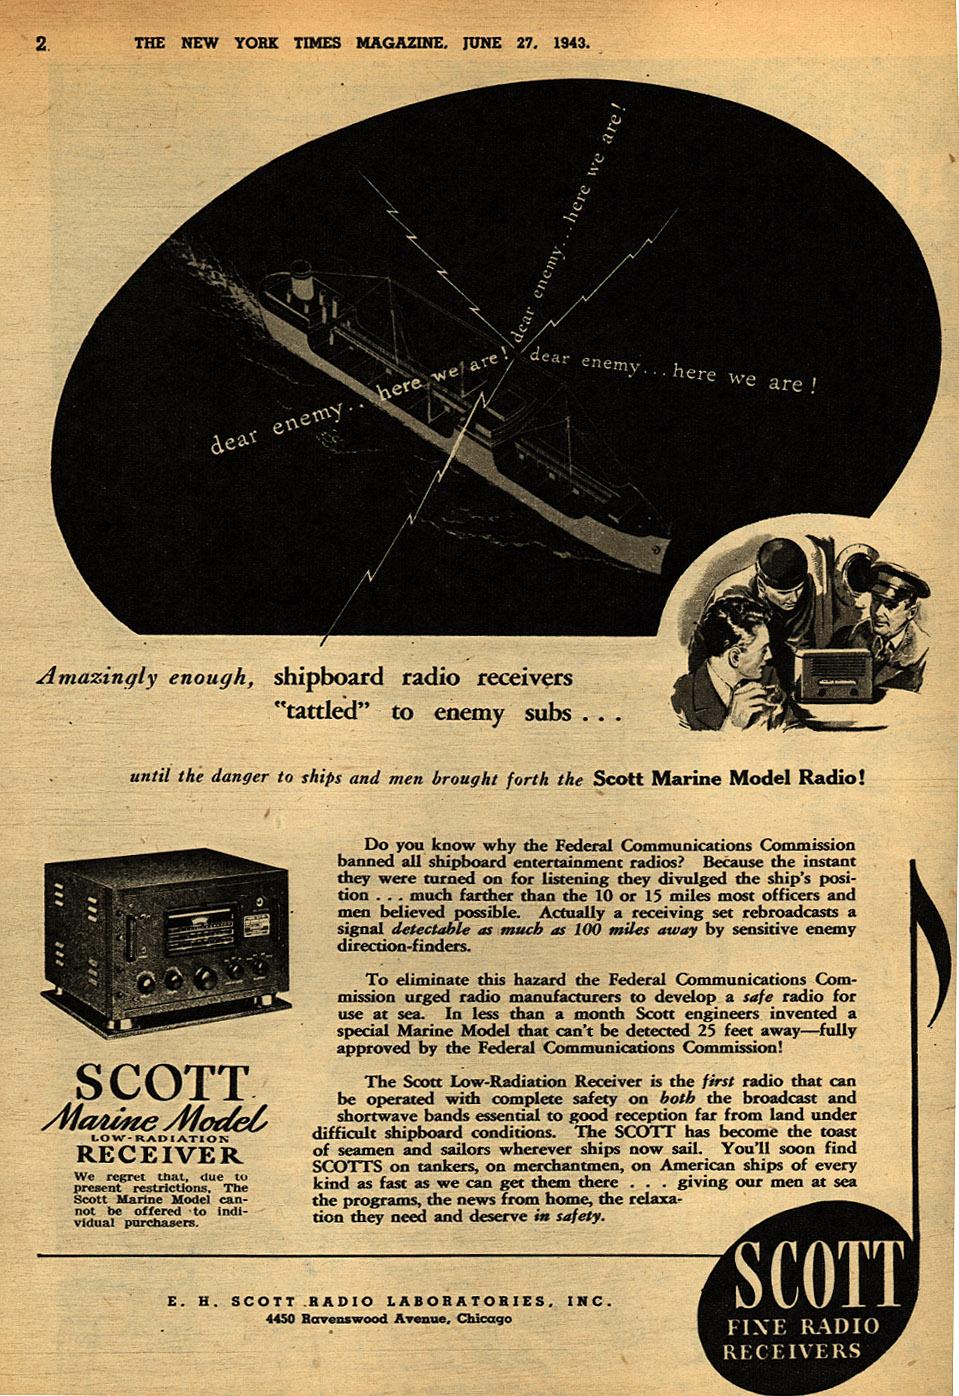 Scott marine model